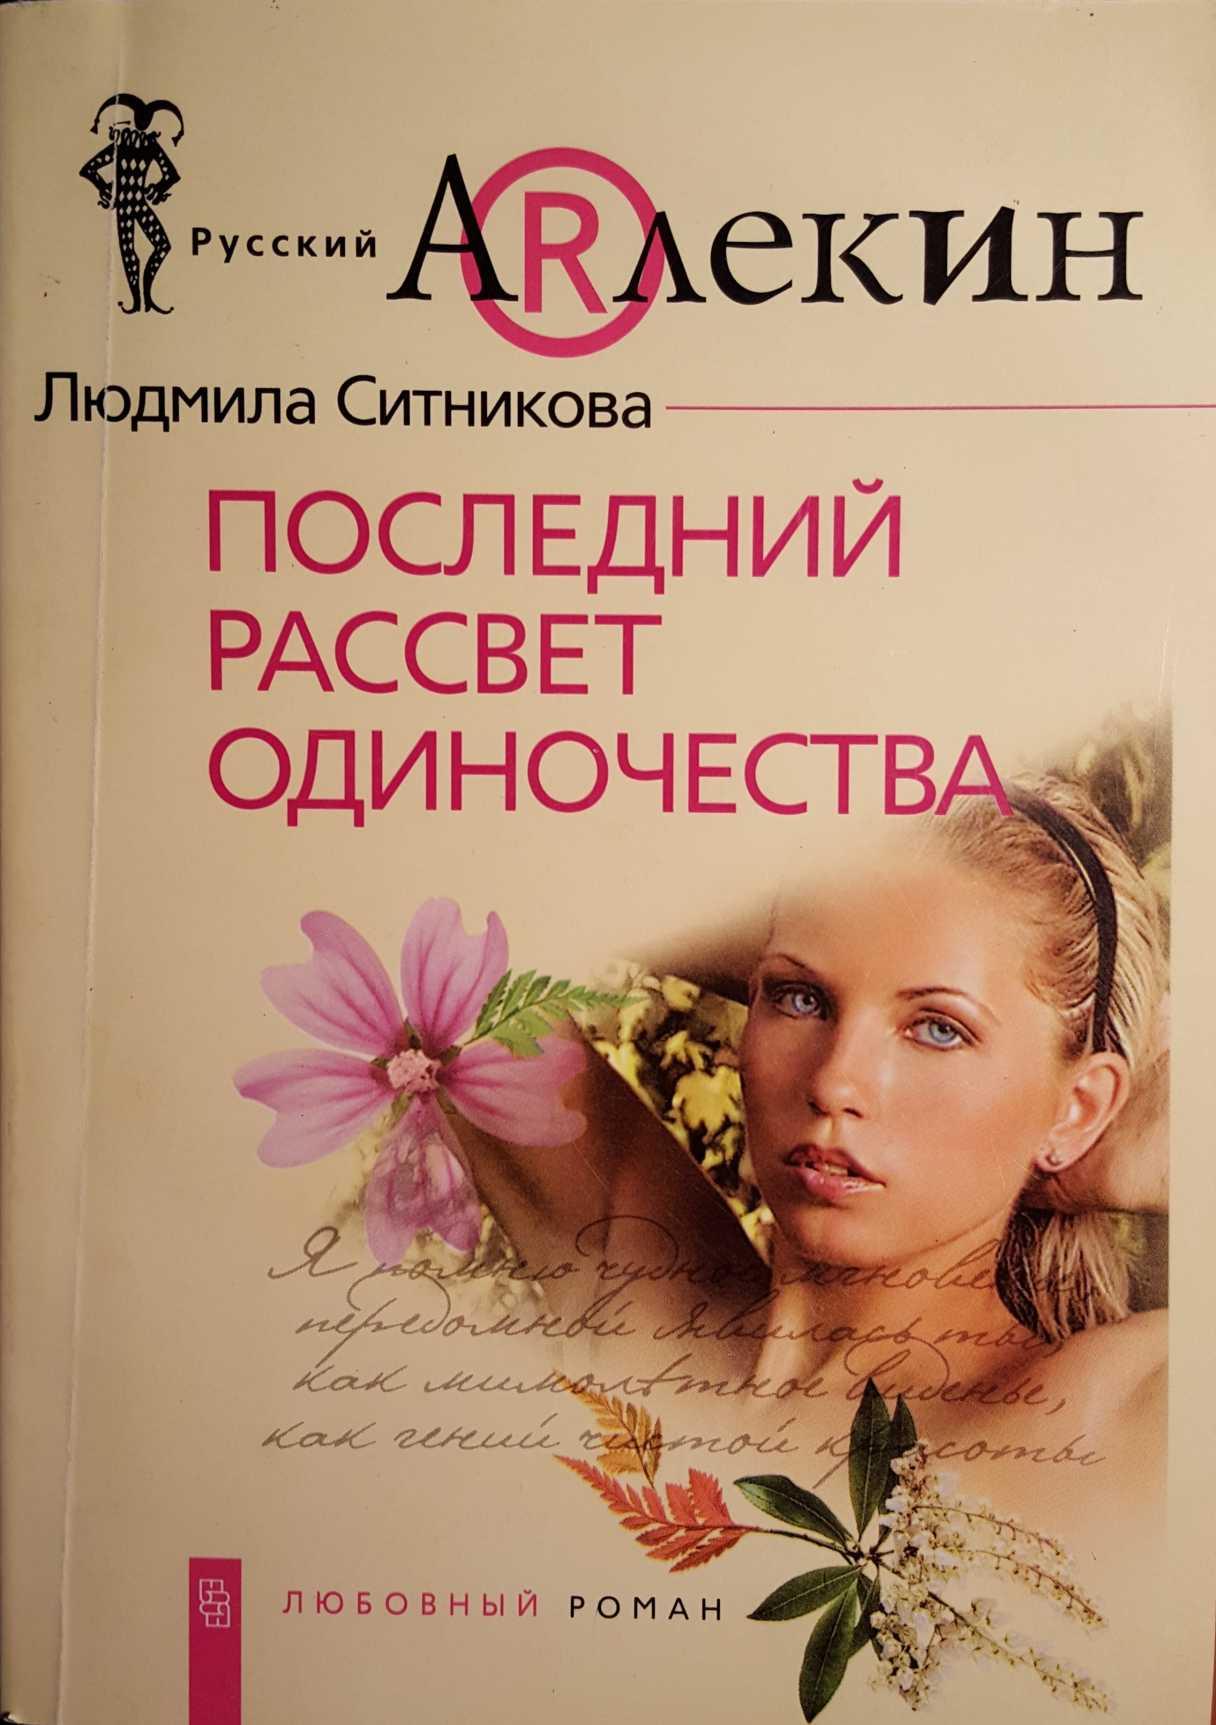 Людмила ситникова книги скачать бесплатно